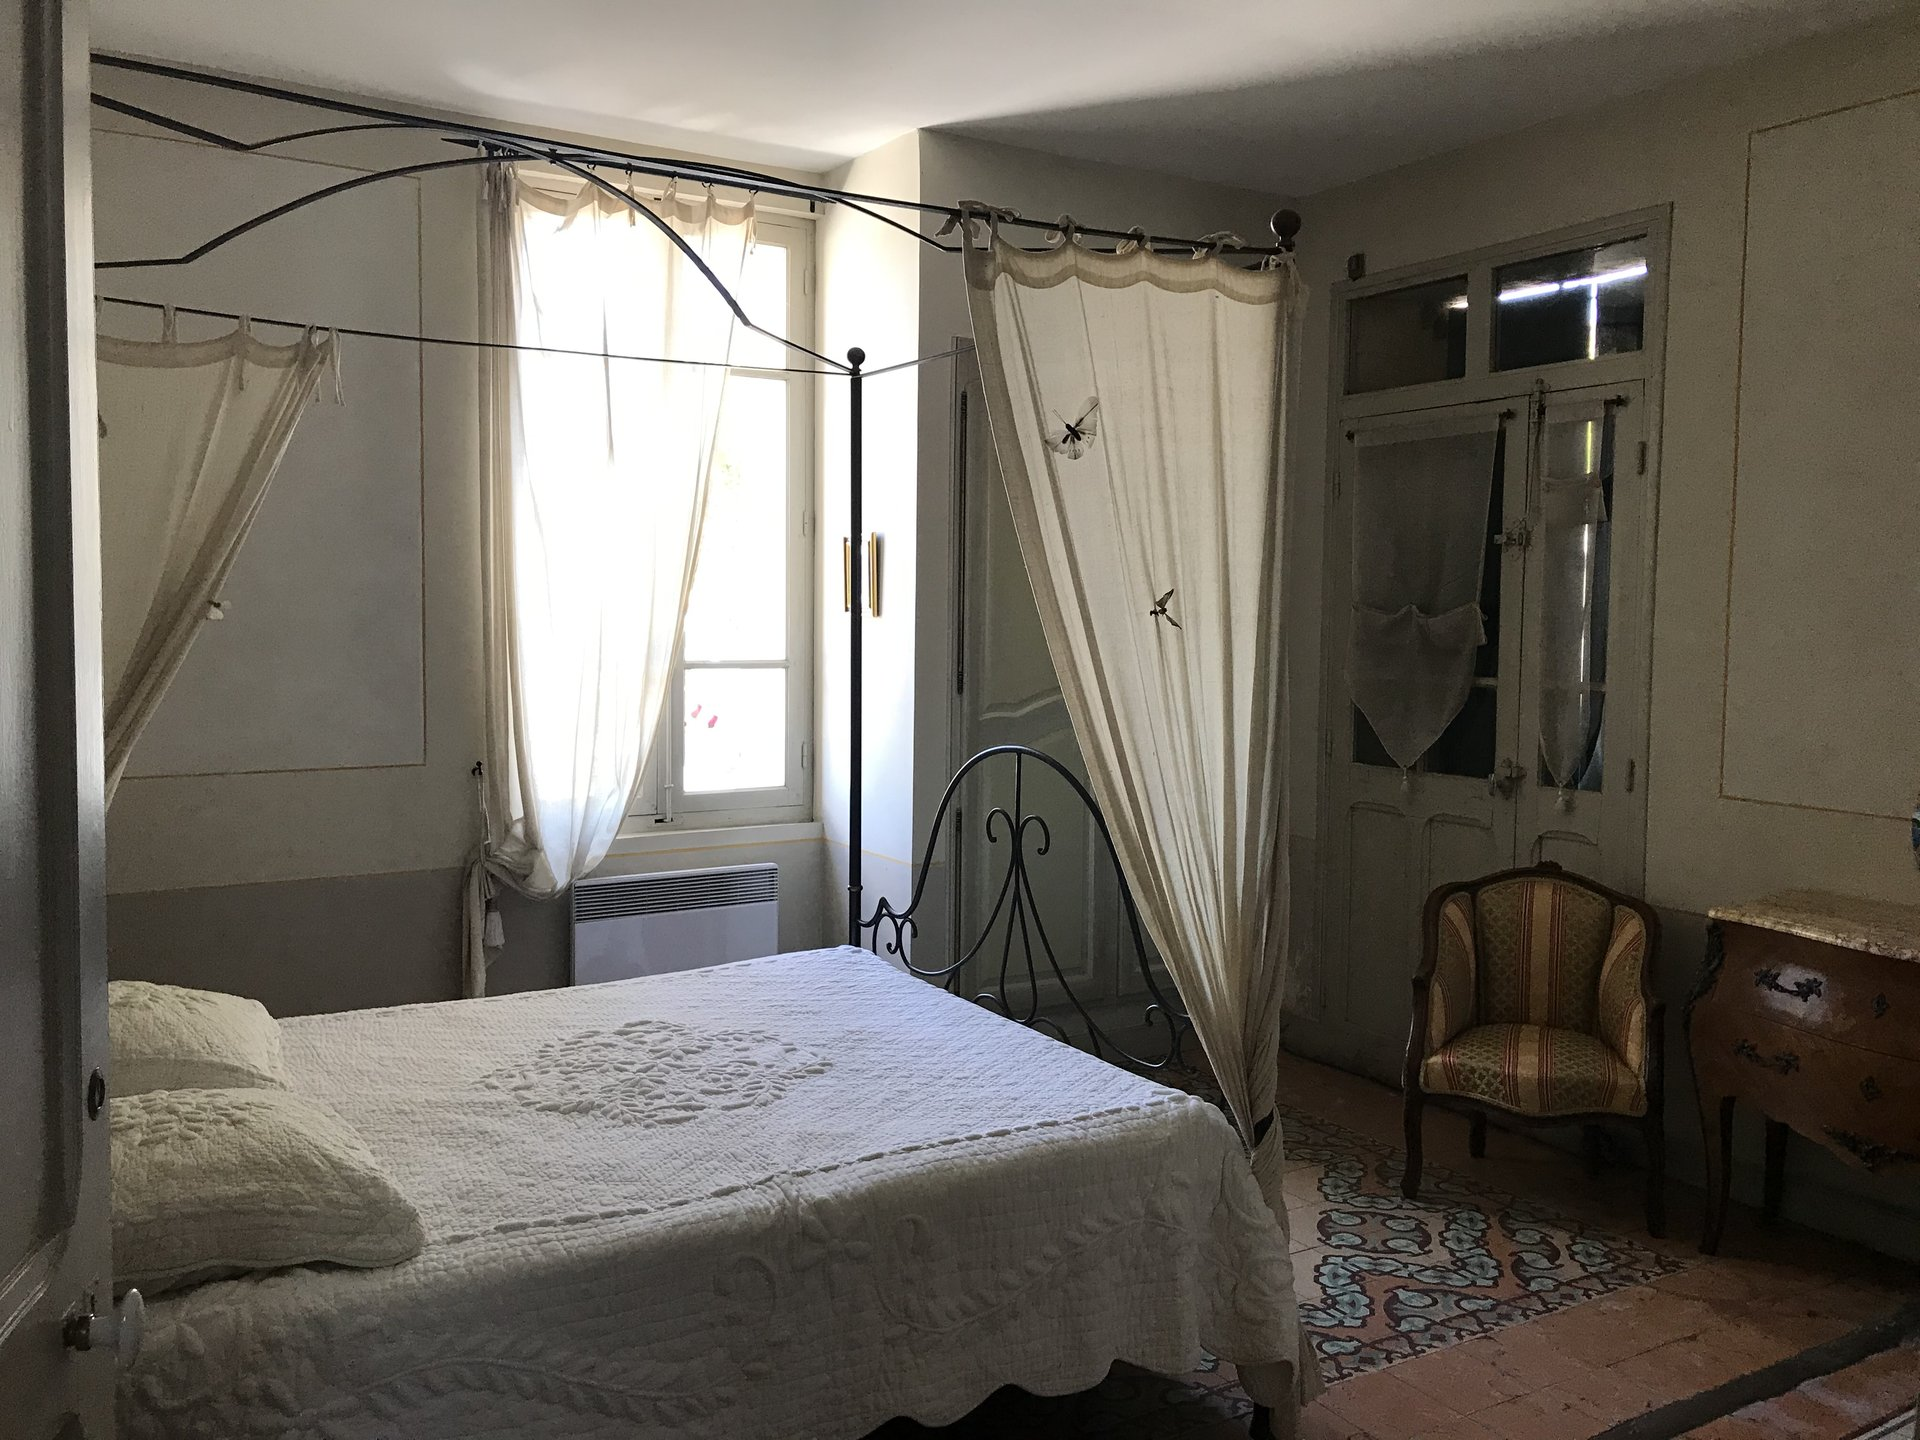 Maison/chambres d'hôtes de 87 m² non mitoyenne au bord de la Sorgue !